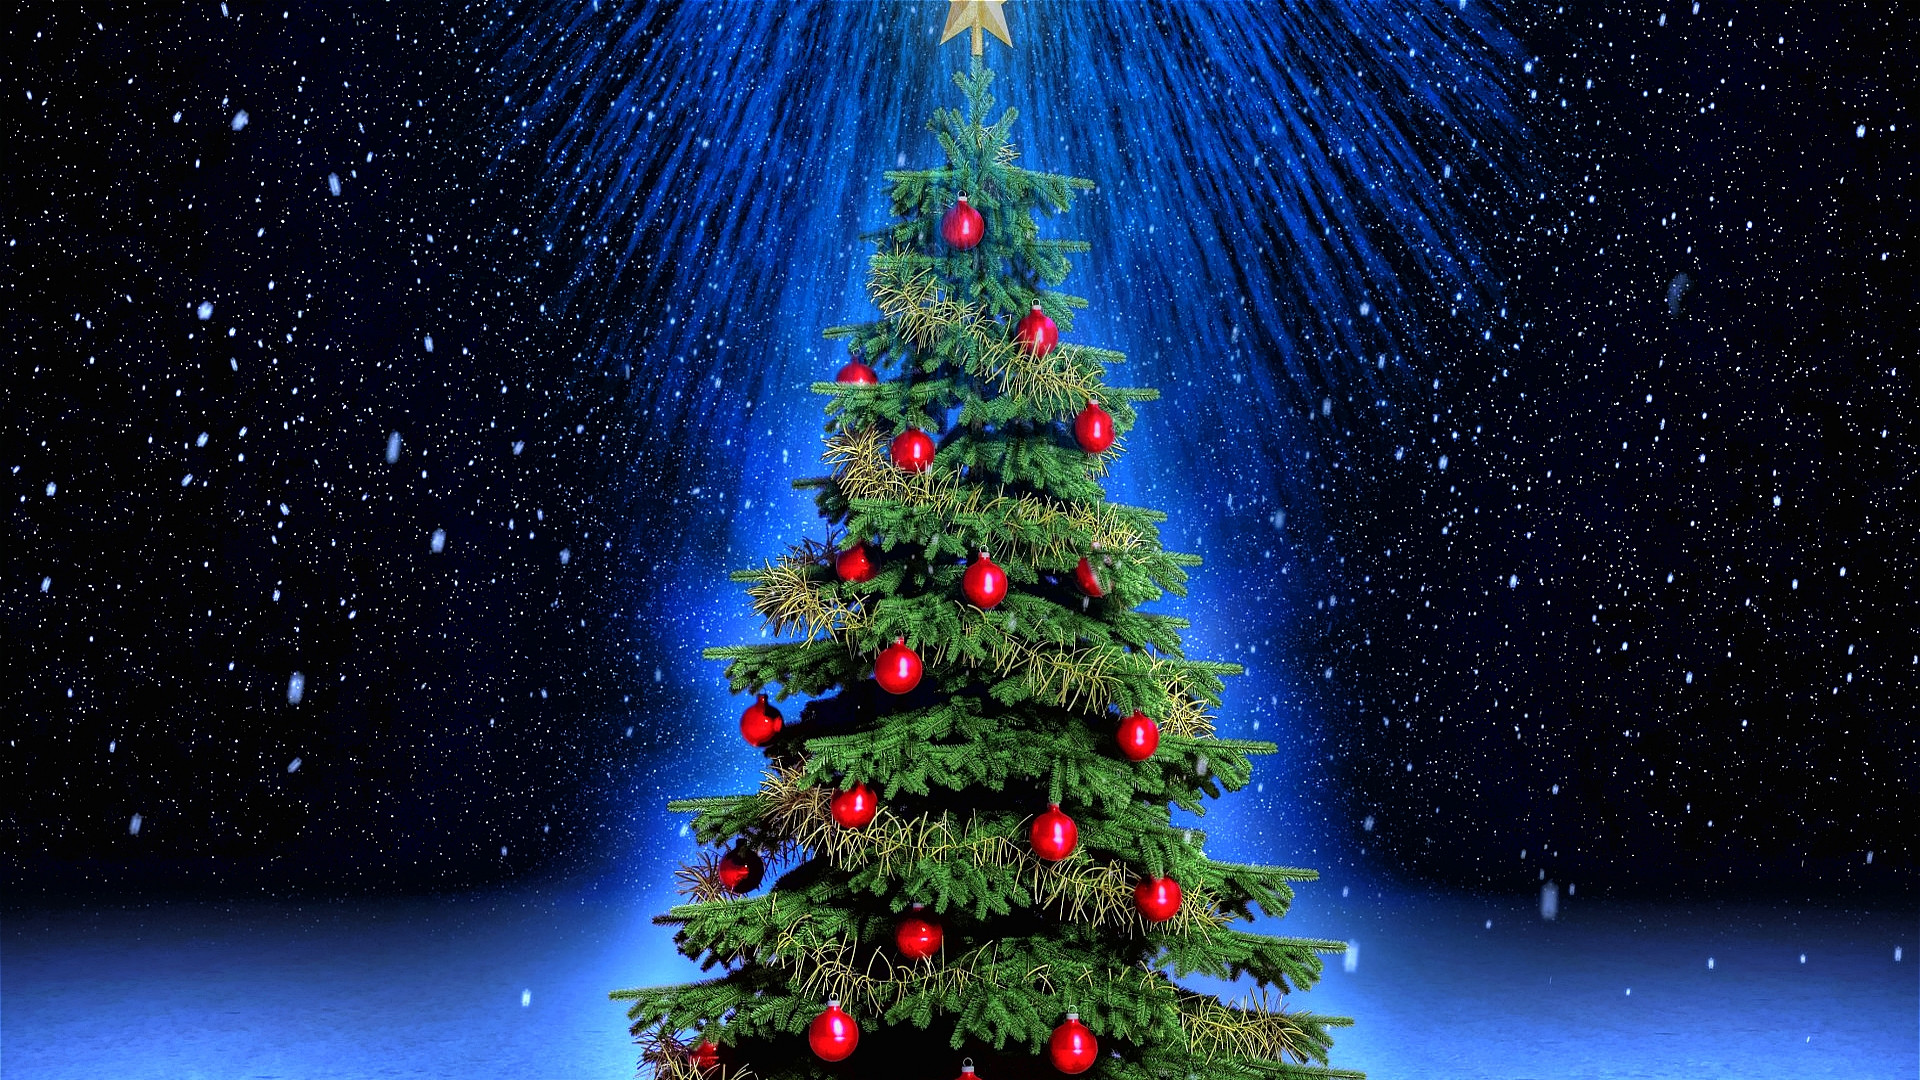 Holiday Christmas Wallpaper Holiday, Christmas